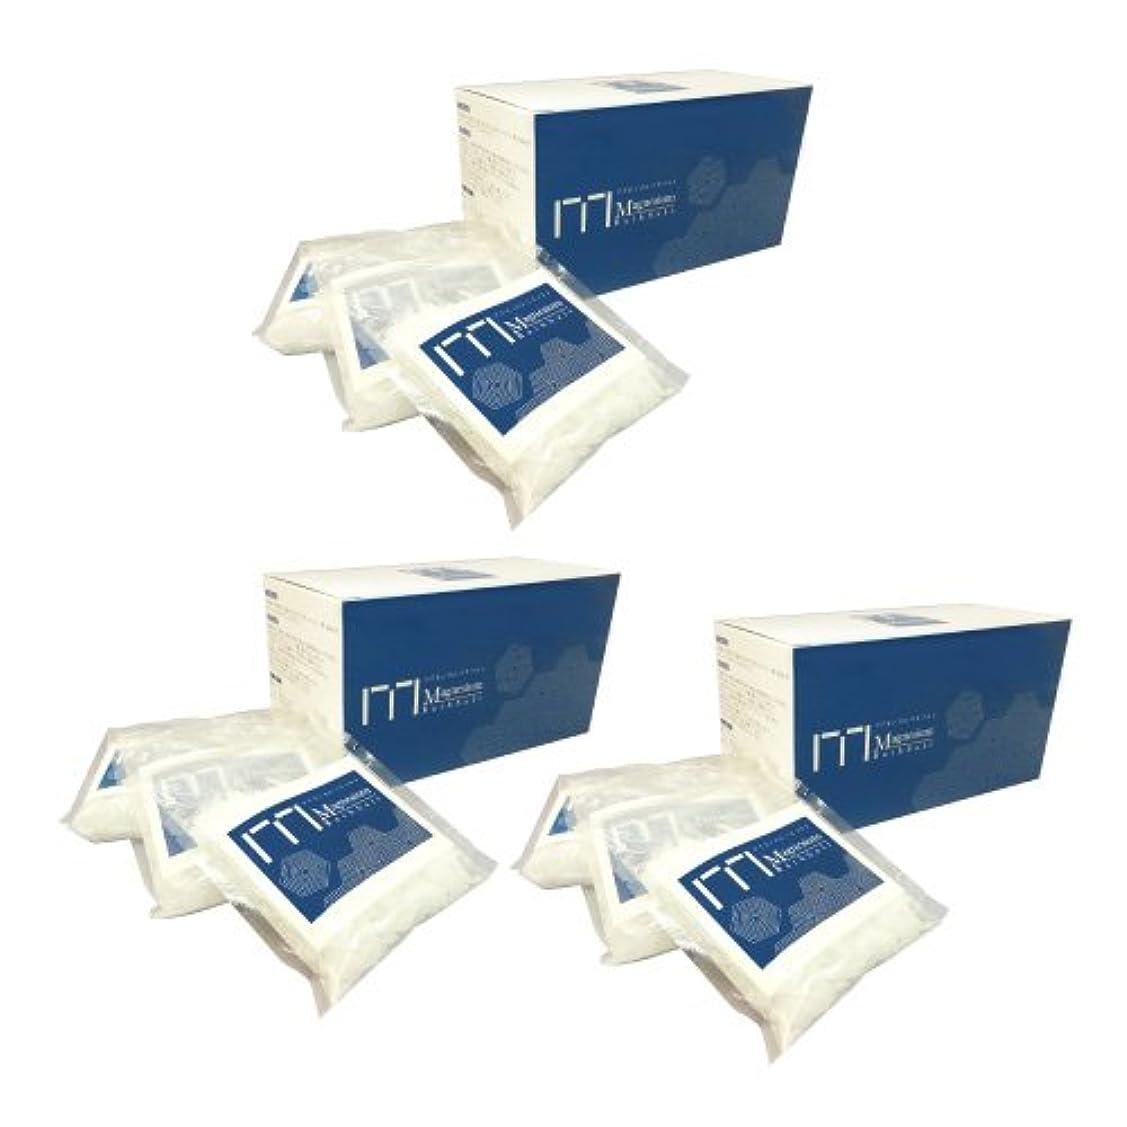 生物学忠実な選出するニューサイエンス マグネシウム入浴剤 (3個)